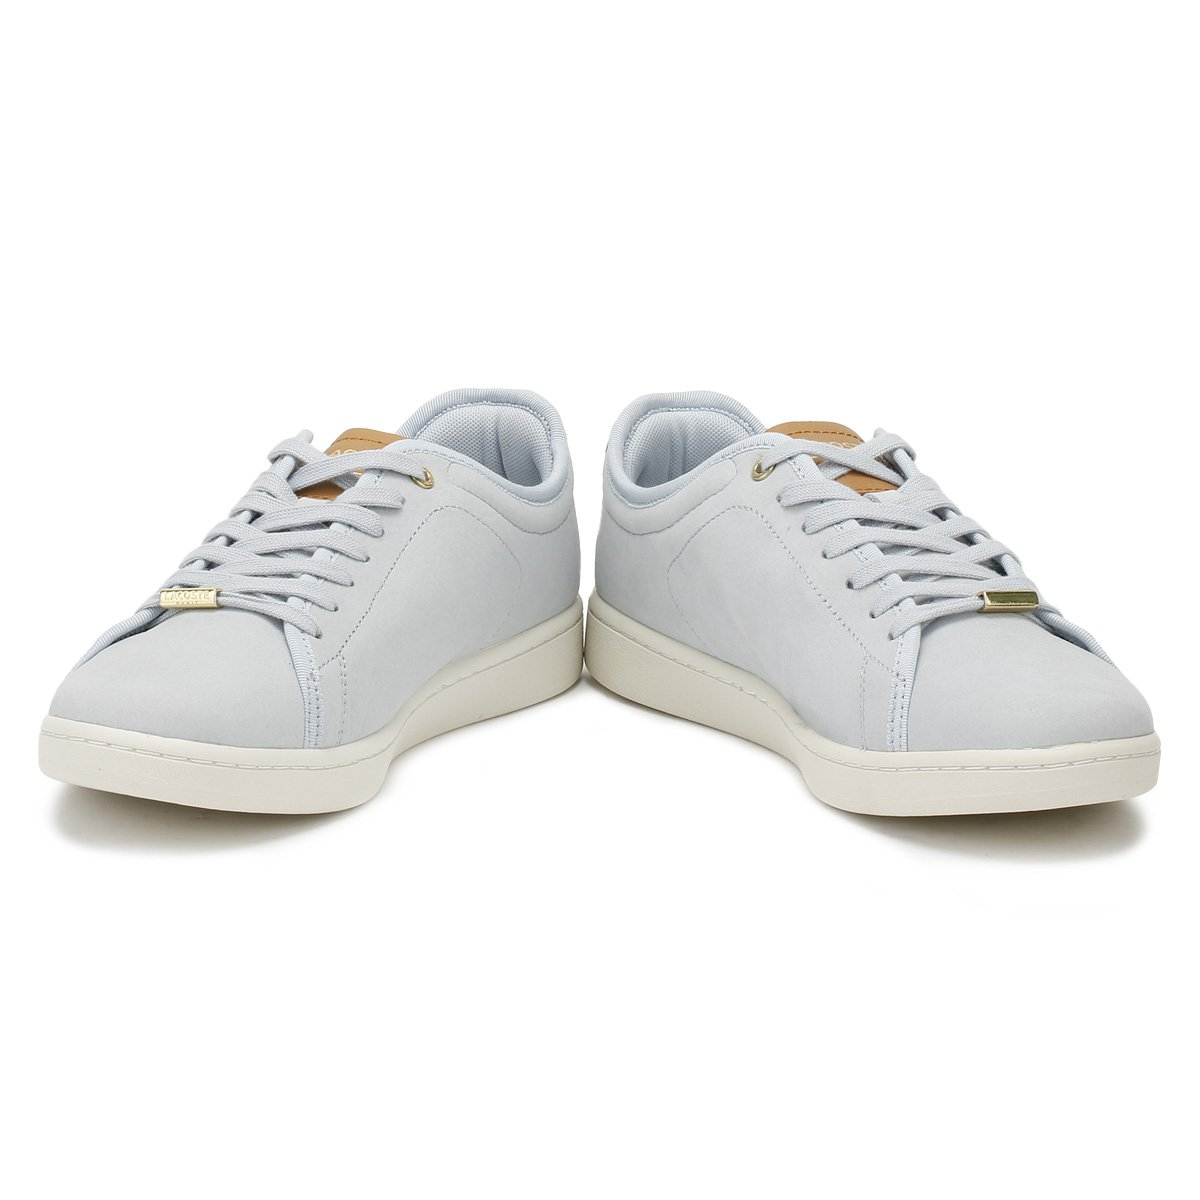 Lacoste Blau Carnaby Evo Damen Sneaker Blau Blau Lacoste cf179c